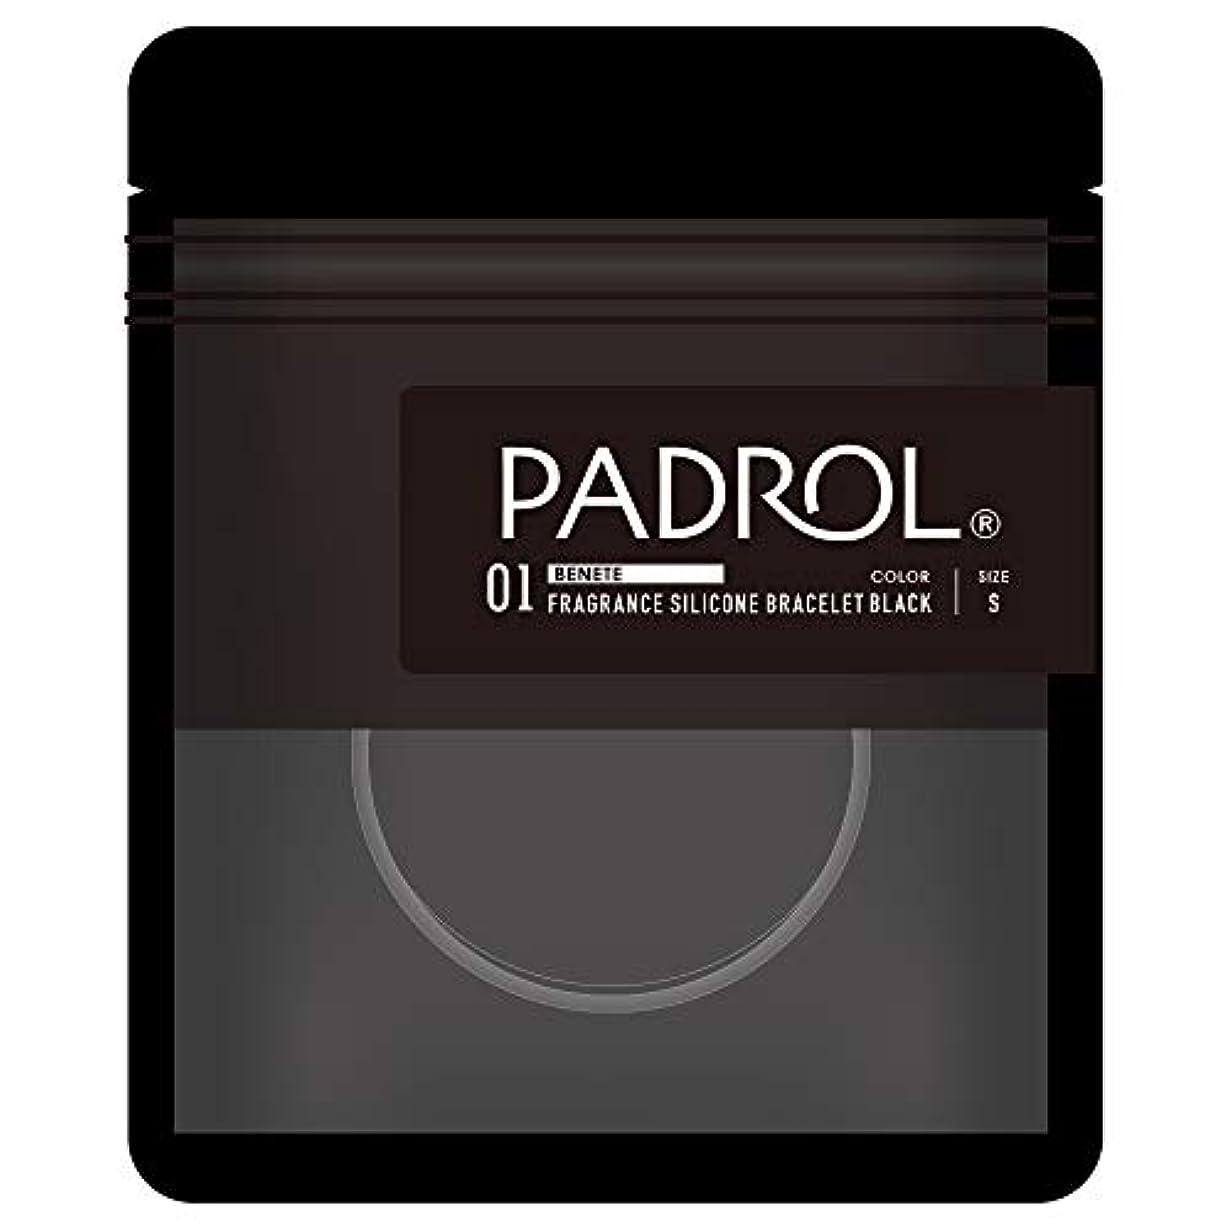 とティーム息切れ爆発するPADROL フレグランス ブレスレット ホワイトムスクの香り シリコン Sサイズ ブラック PAD-13-03